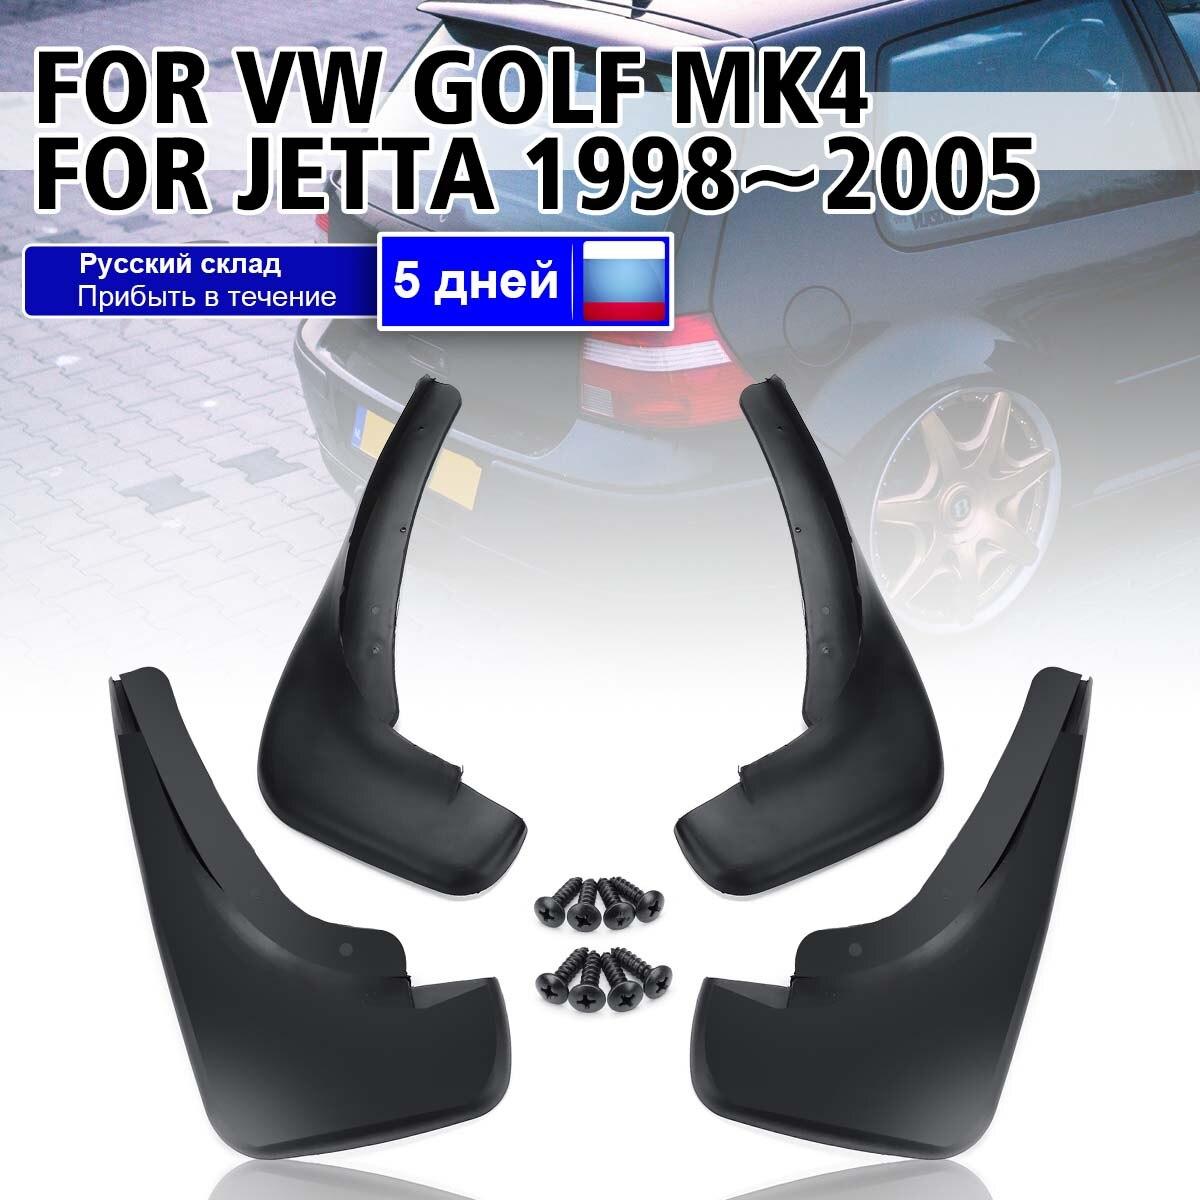 車の泥フラップ Vw ゴルフ 4 Mk4 IV ボラ Jetta 1998-2005 Mudflaps スプラッシュガードフロントリアフェンダーマッドガード